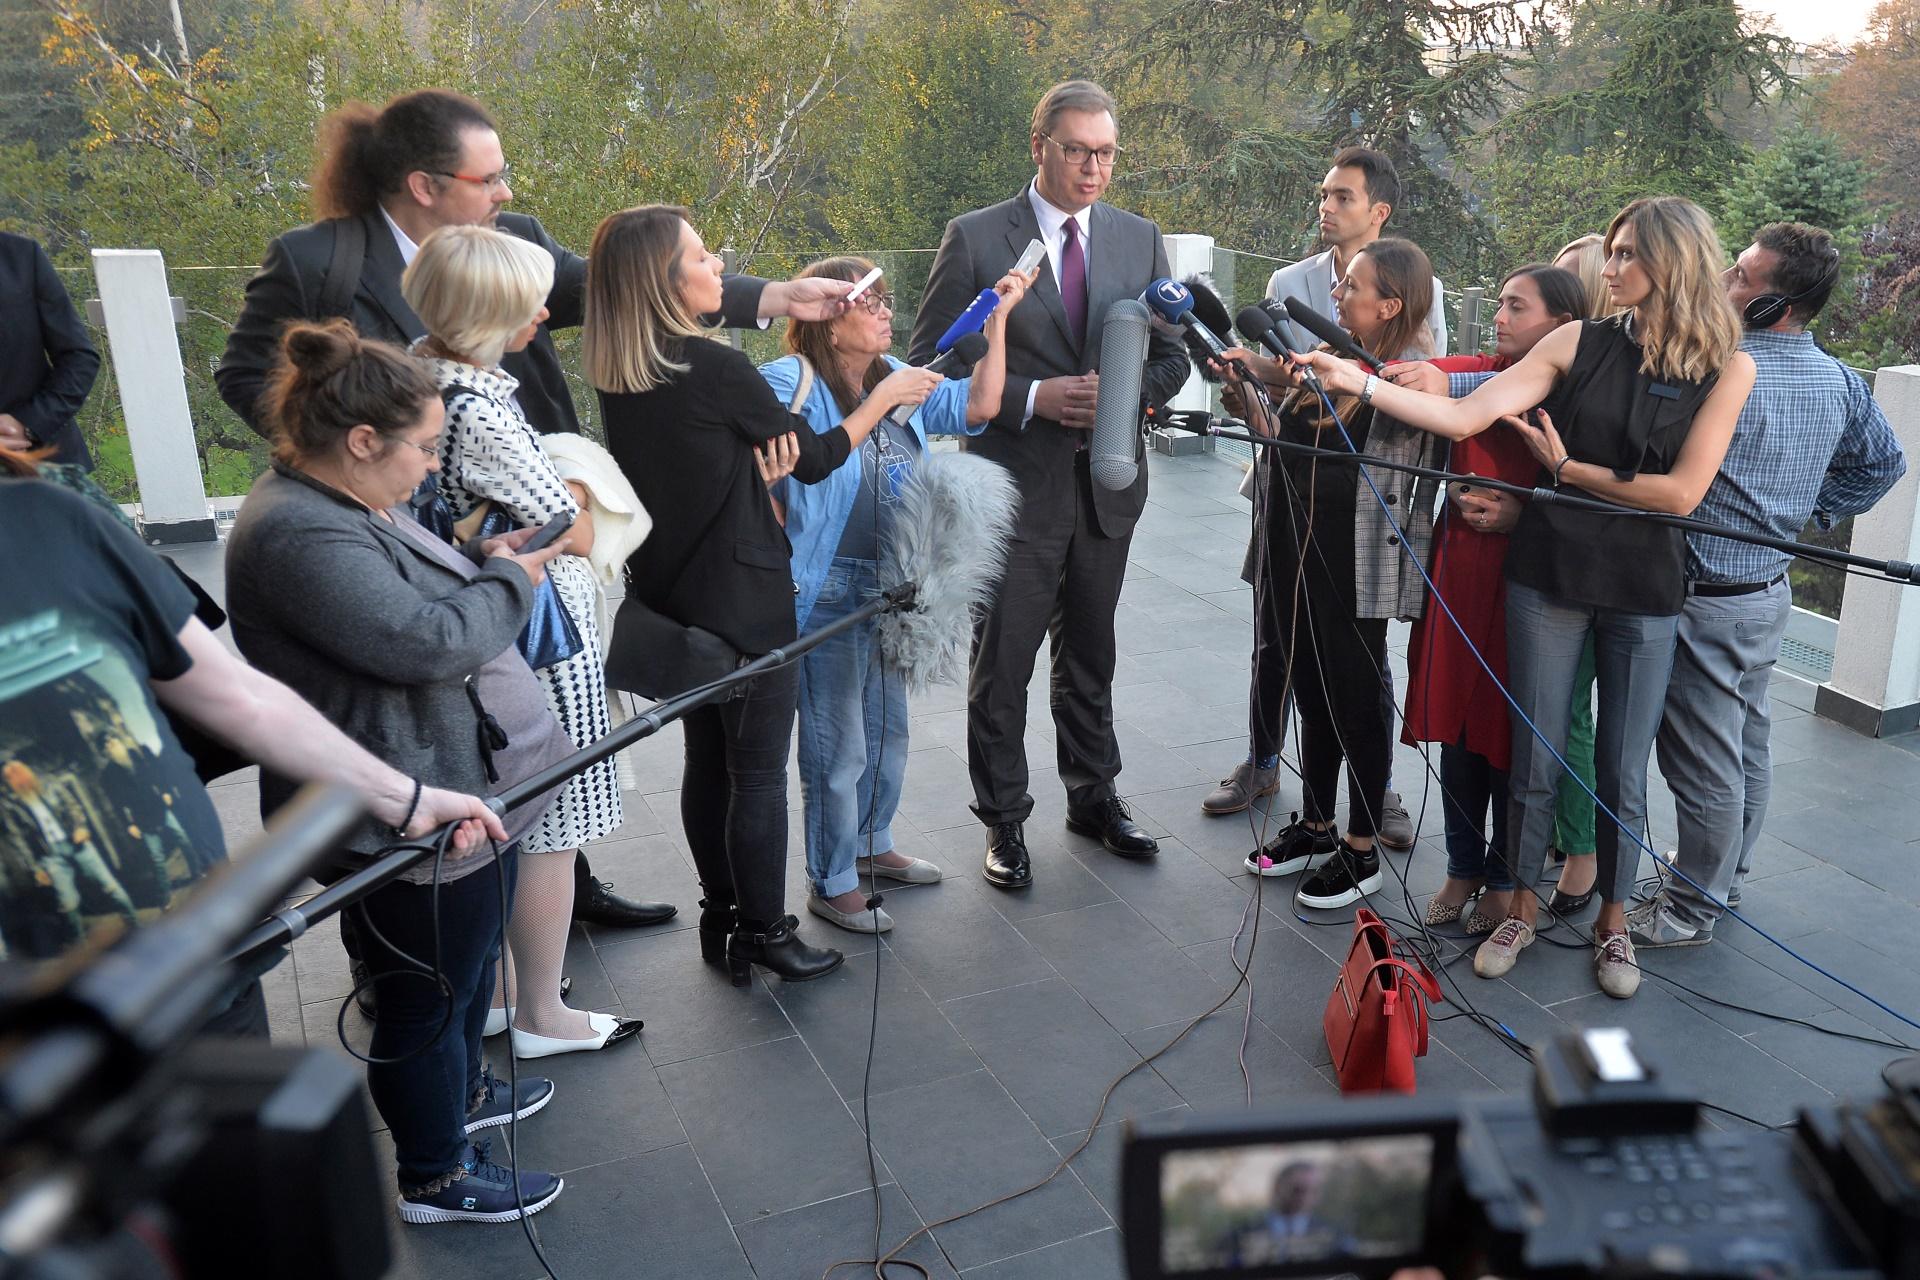 Predsednik Srbije Aleksandar Vucic daje izjave medijima na konferenciji EU i Srbija zajednicka sudbina